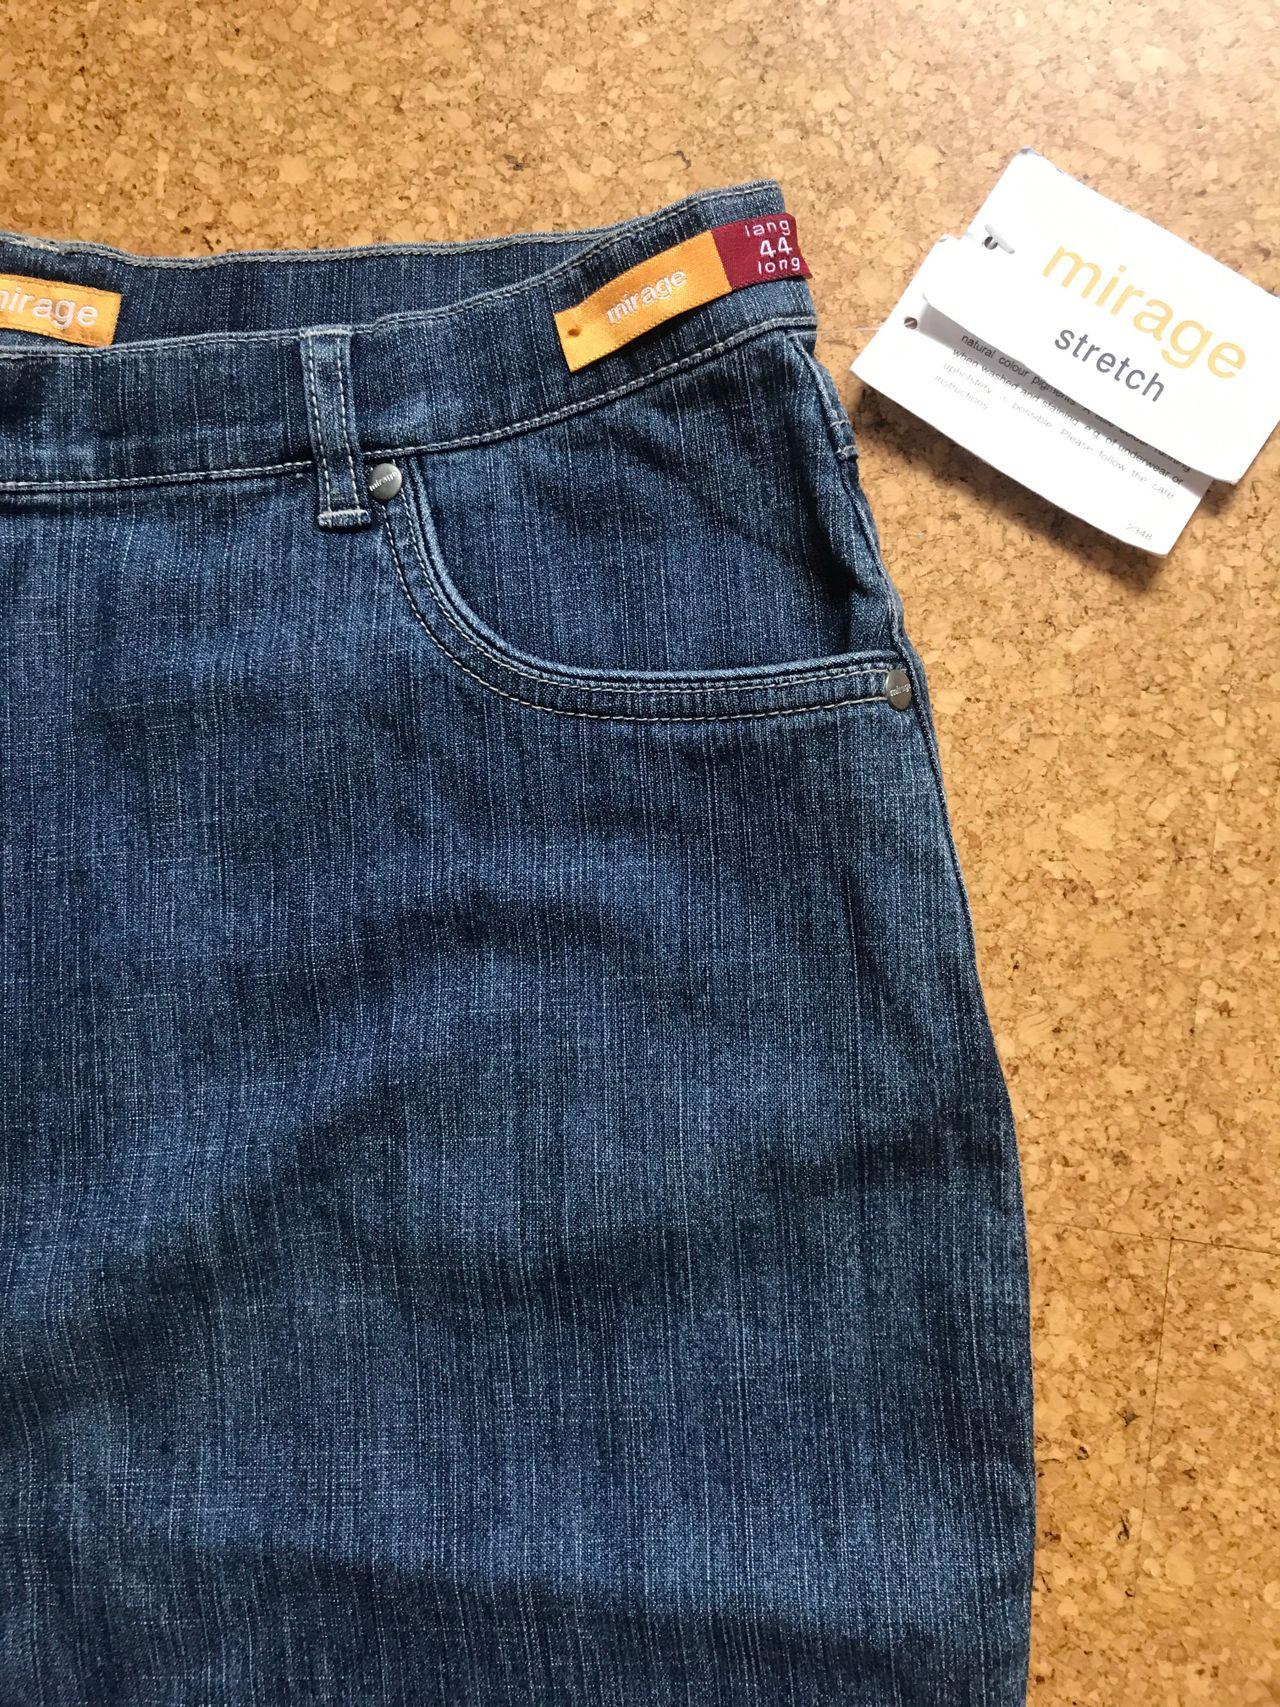 C RO. Pen sort bukse i stor str. og extra lengdeStr. 44